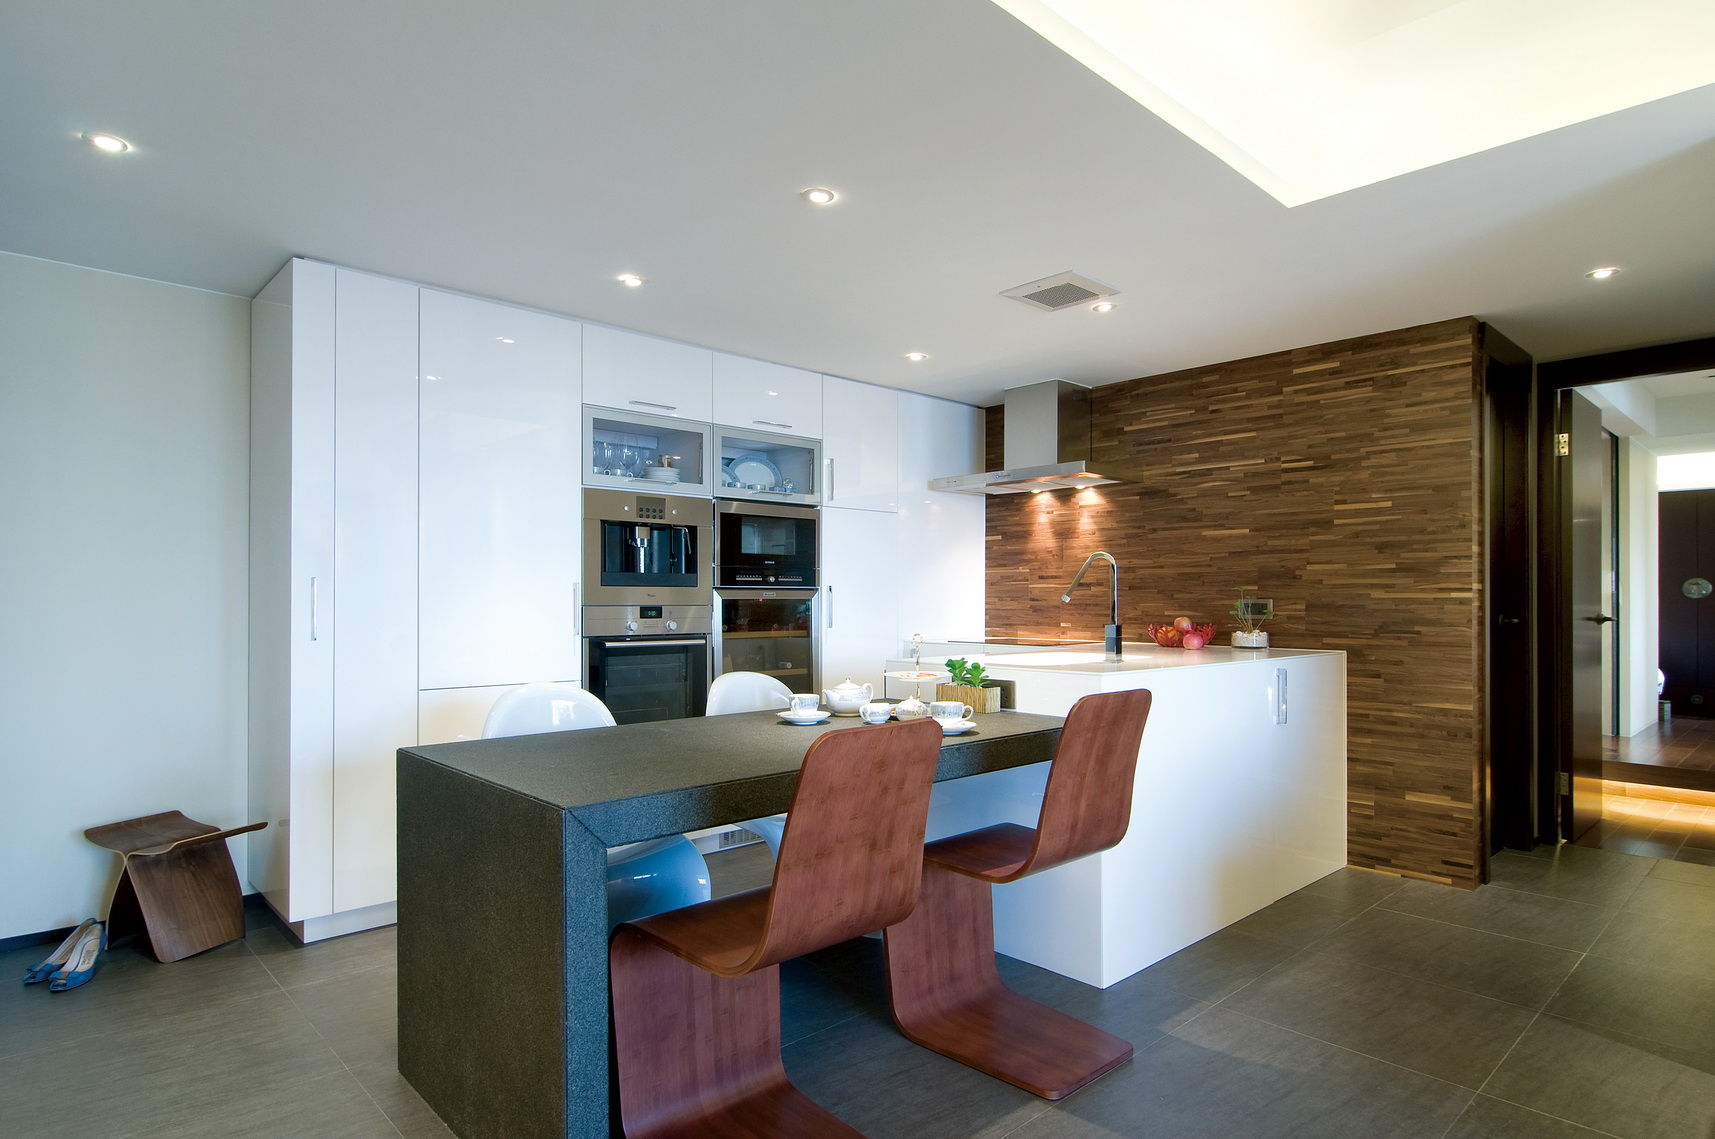 餐厅厨房是二合一的,地灰色纹络状的大理石的材质的搭配铺贴,整个空间通透而洁净。